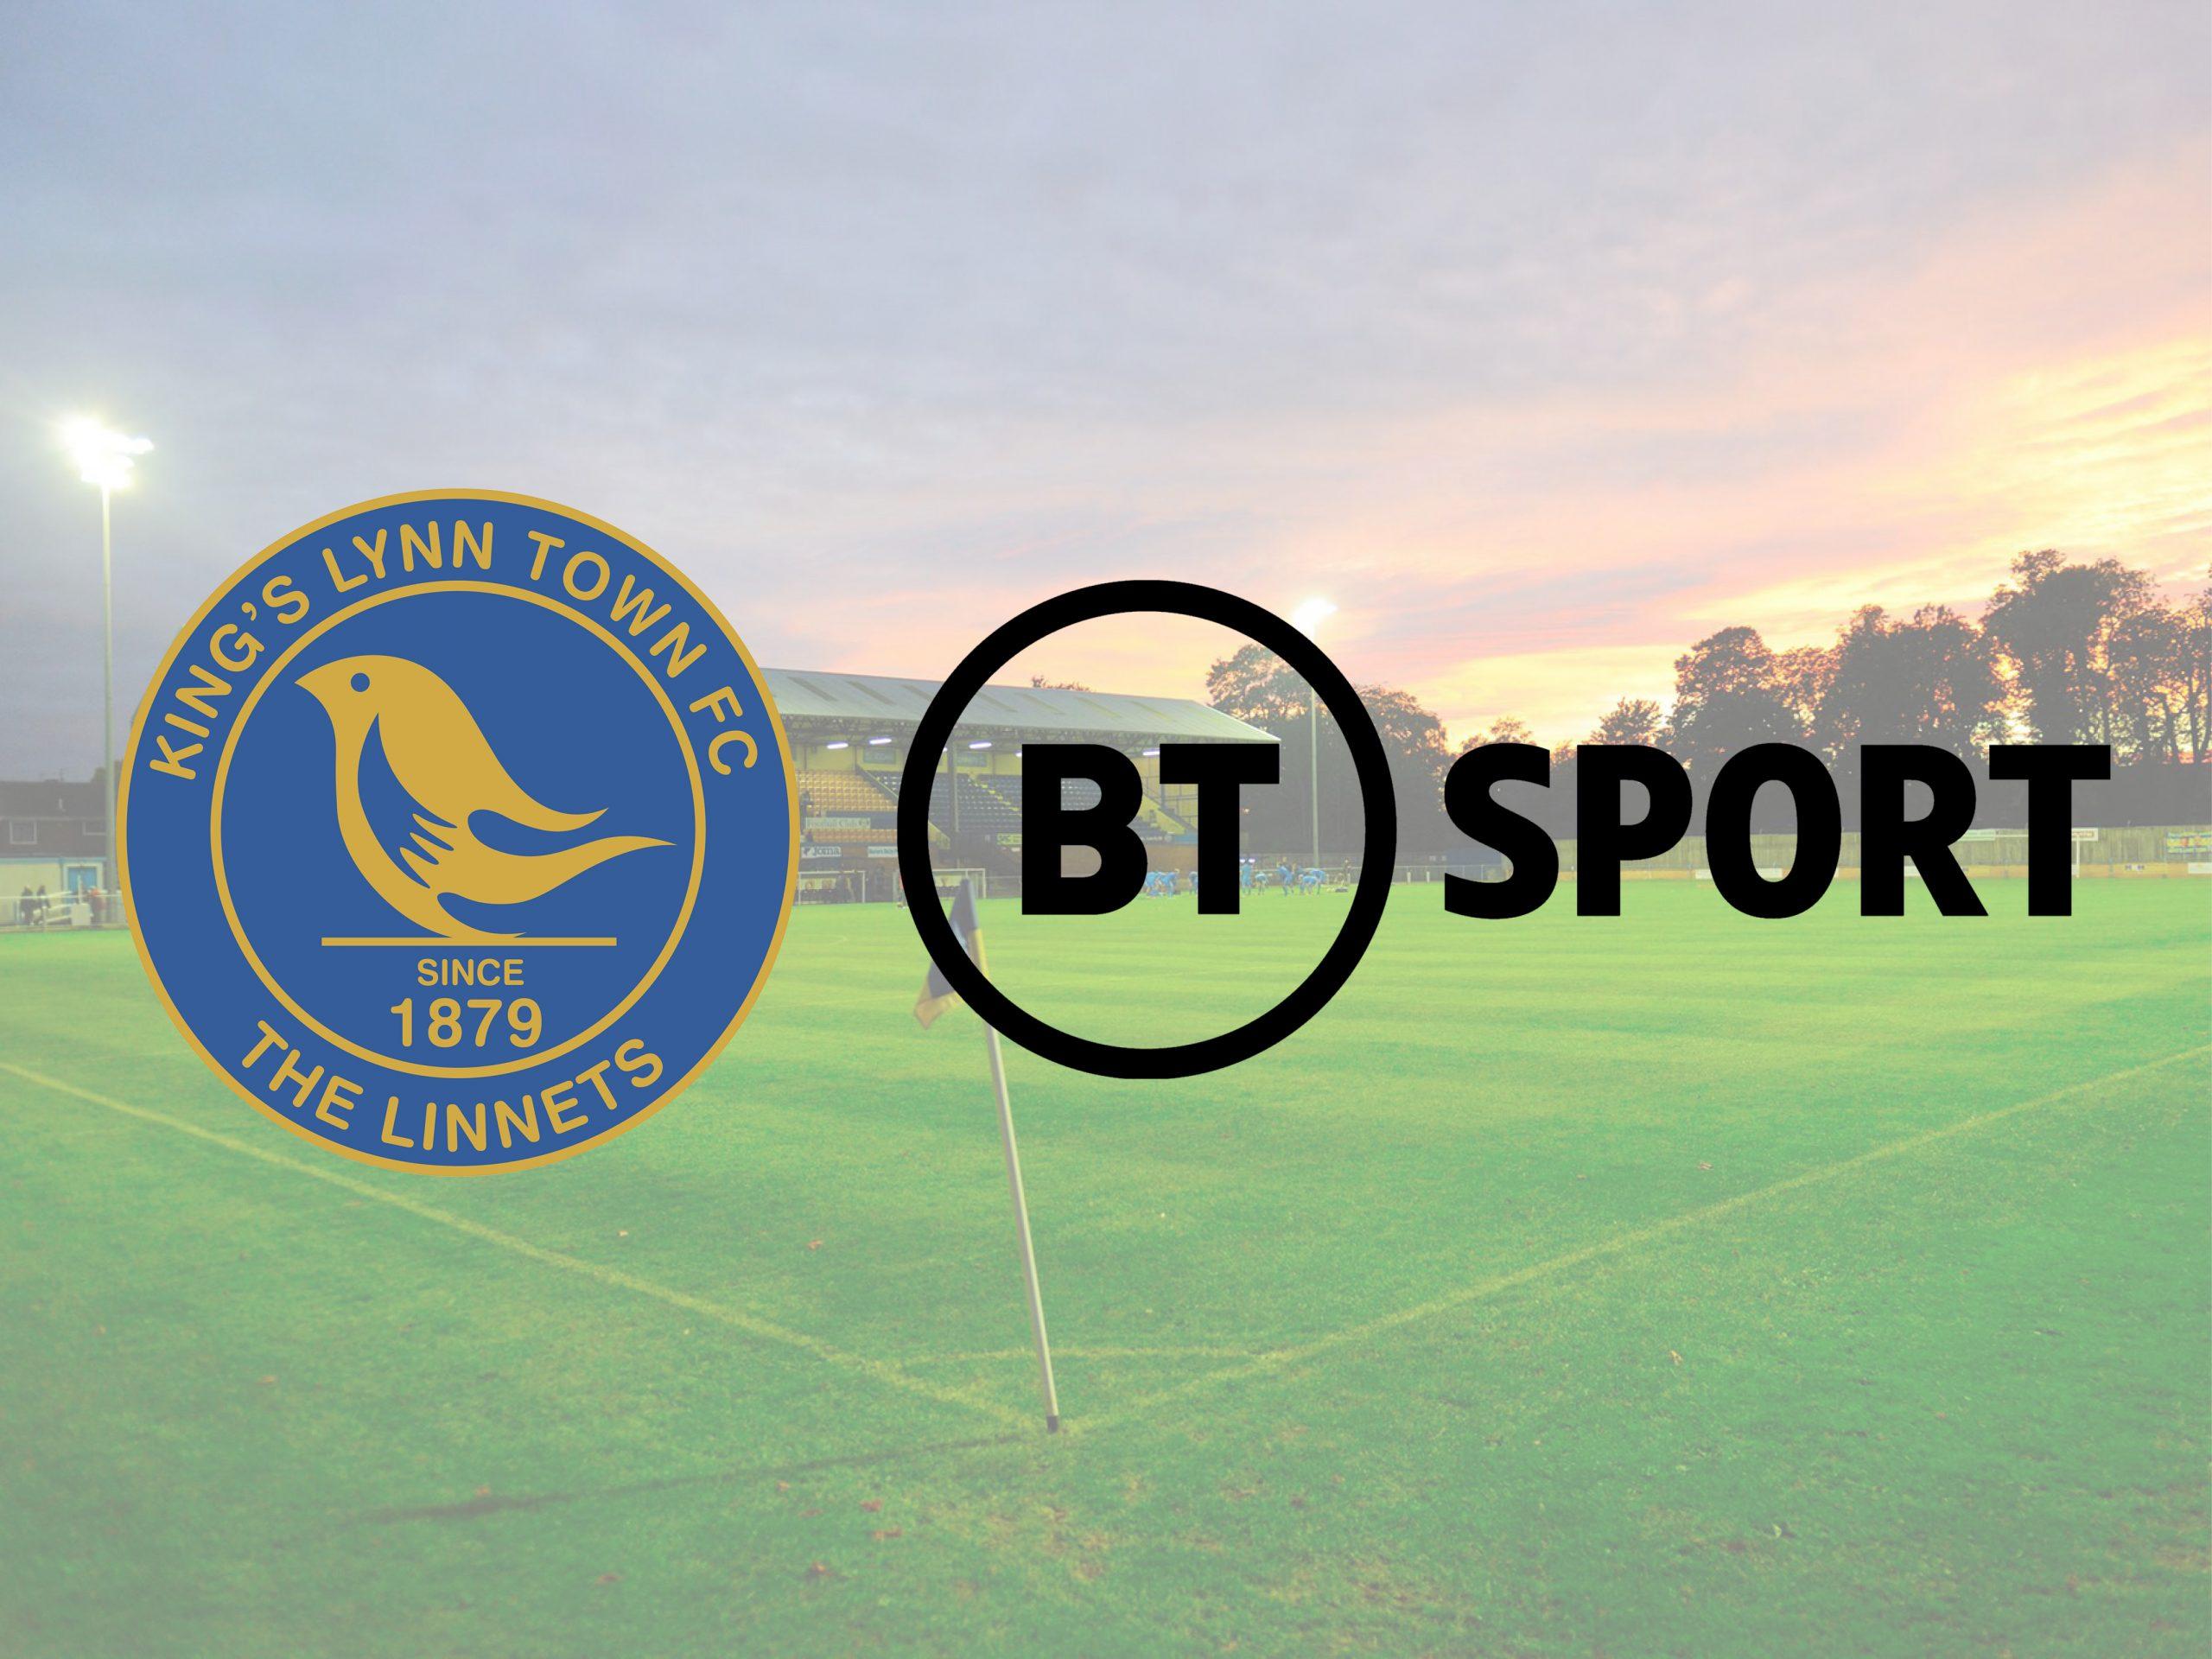 KLTown Sunset BT Sport